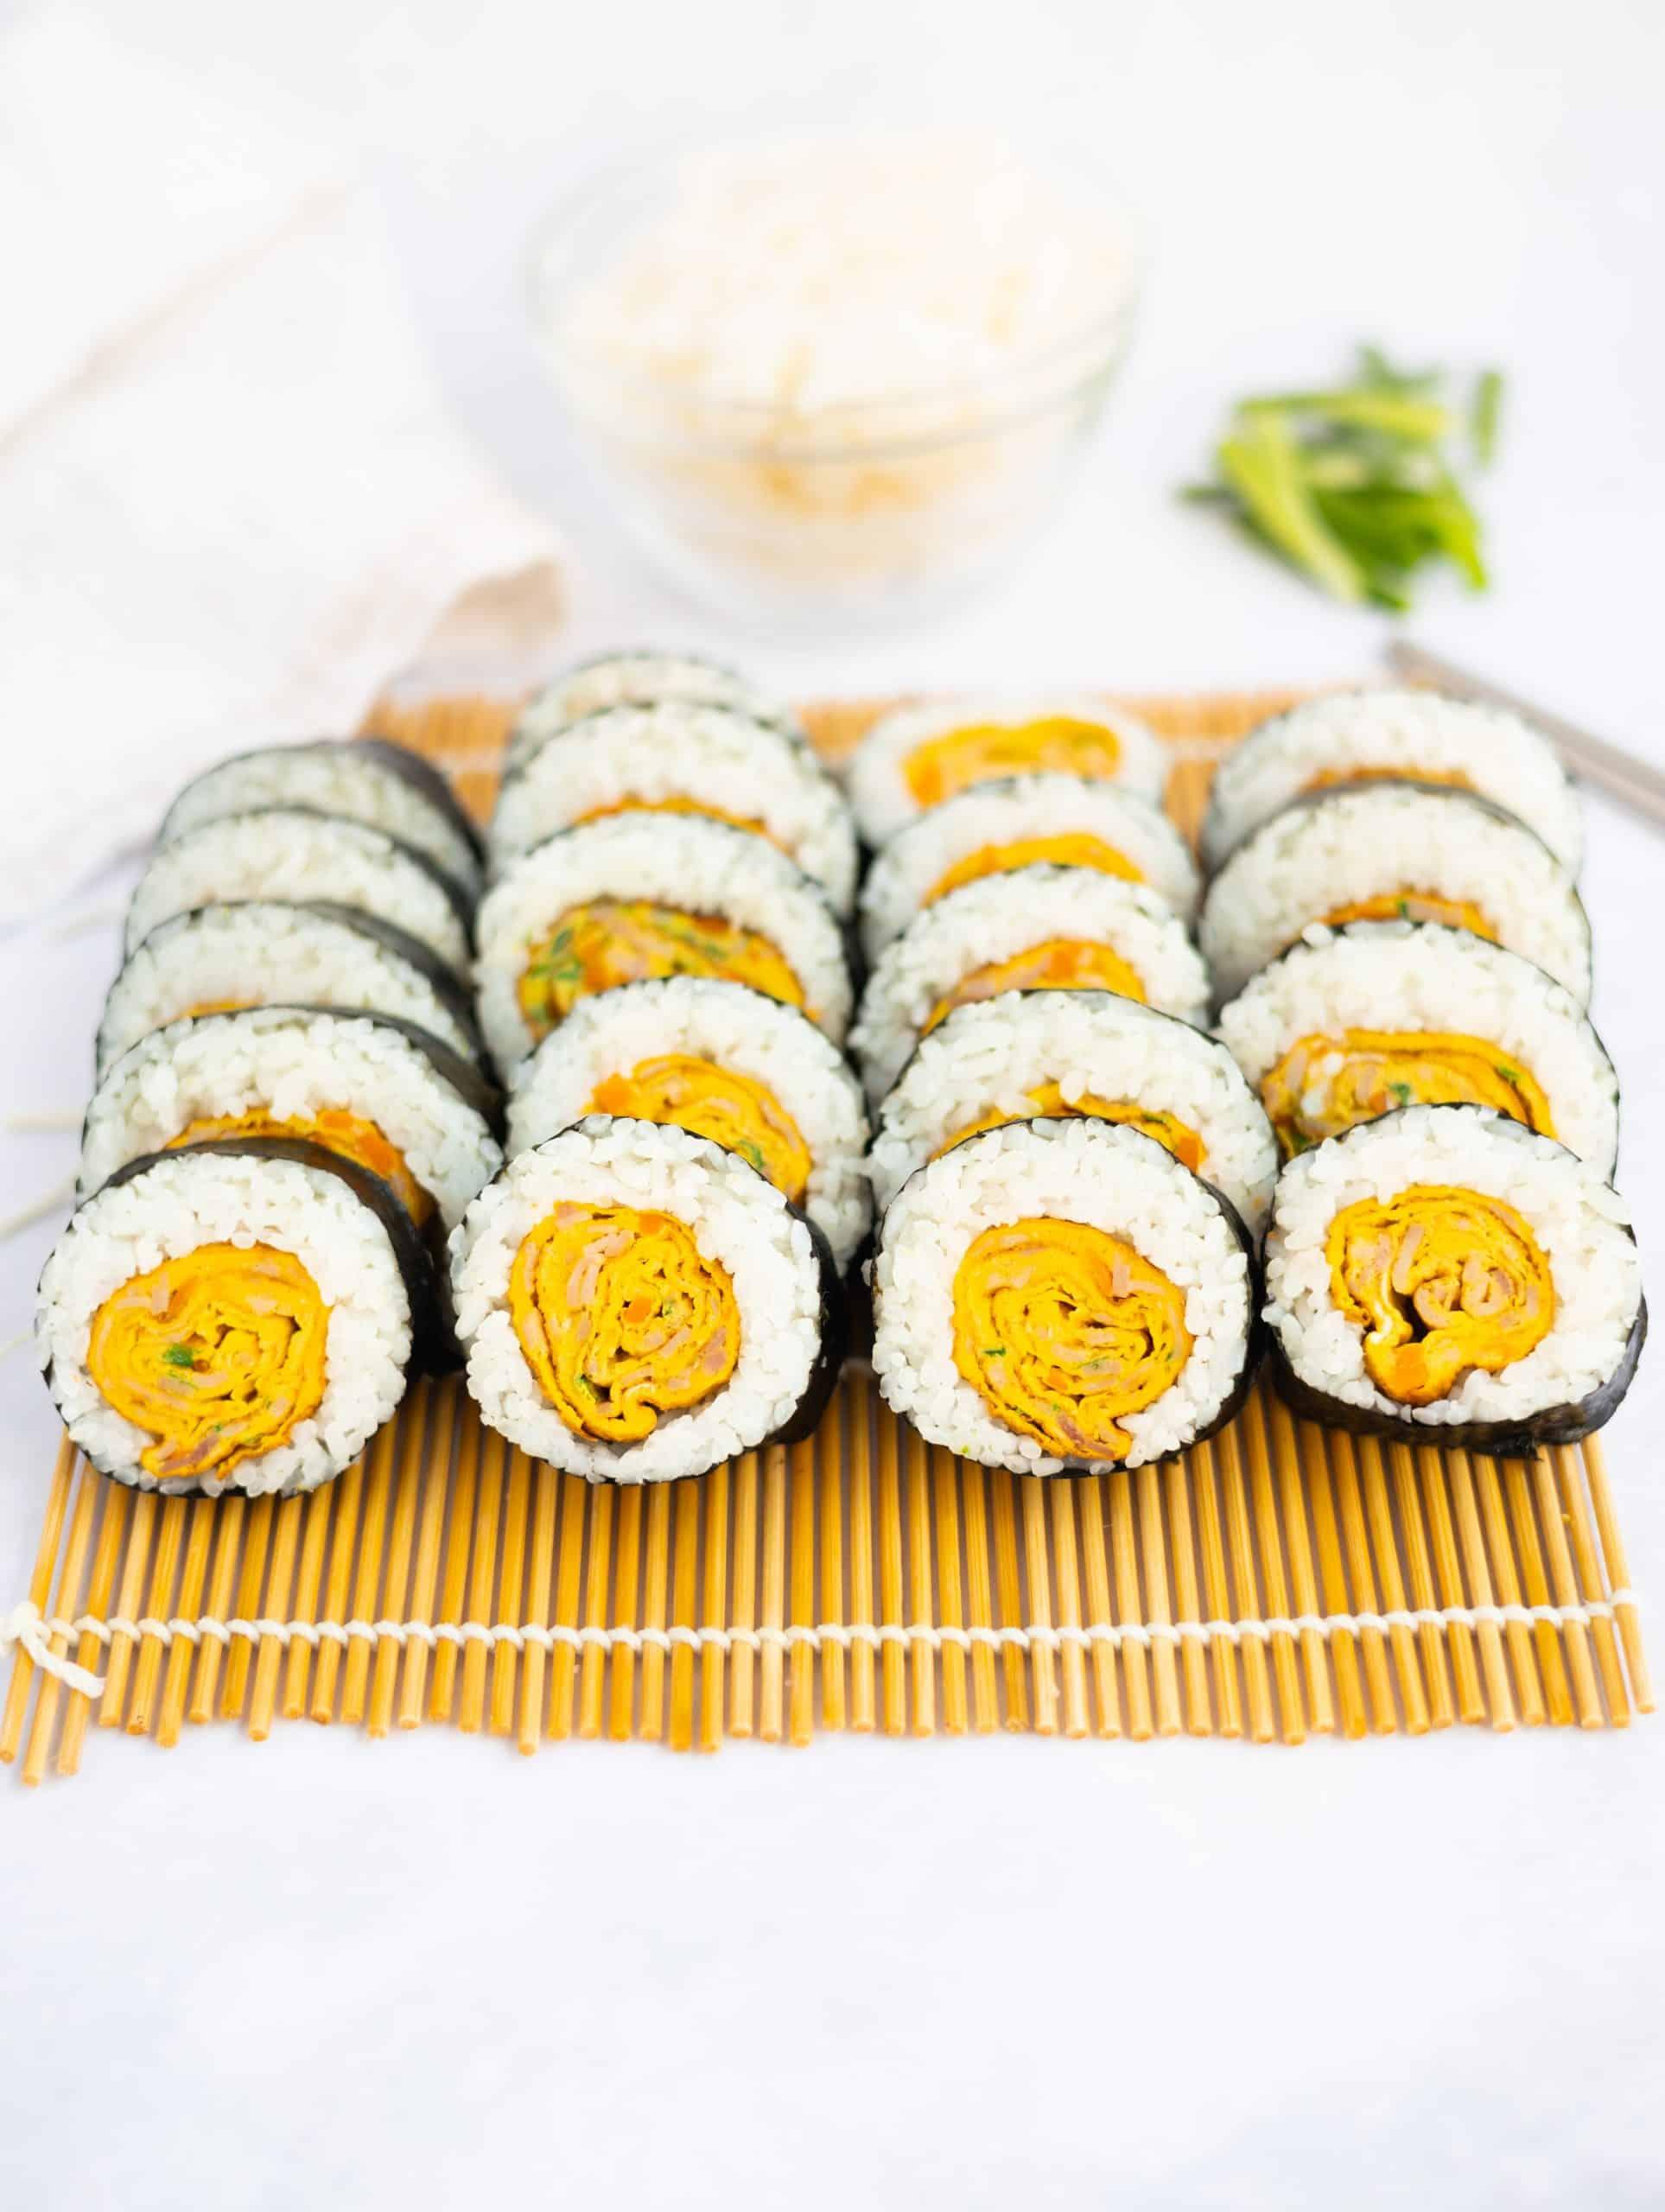 Korean Egg Roll Kimbap